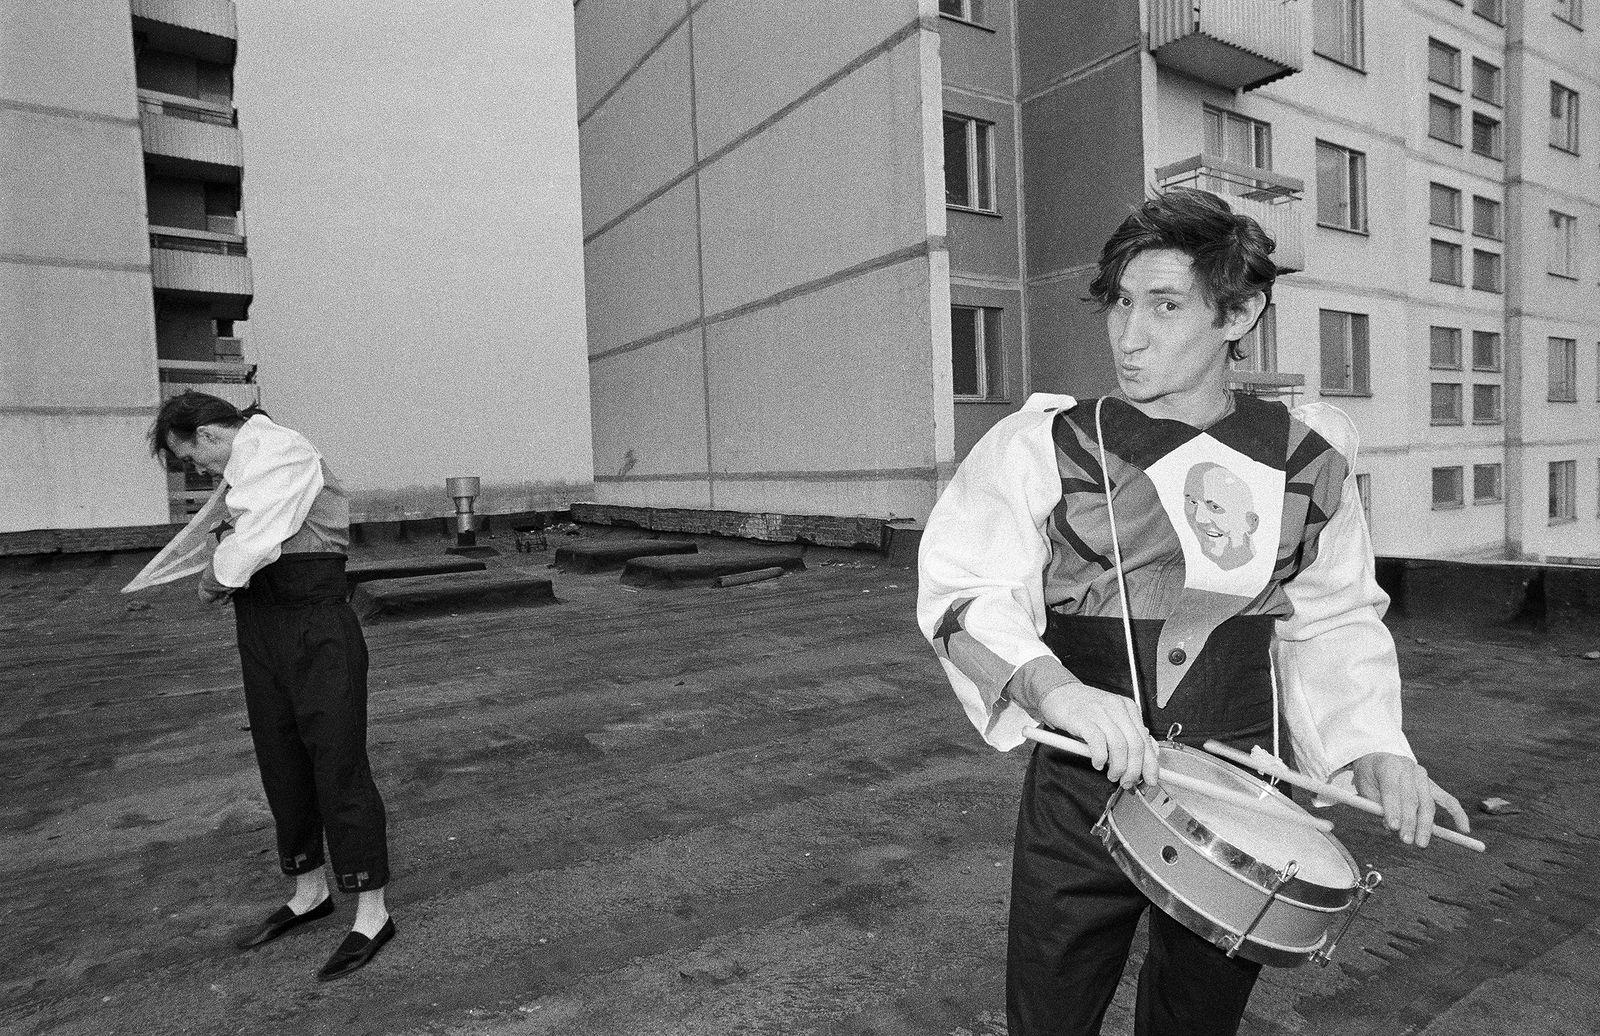 Андрей Безукладников. Совриск. Инал Савченков. Москва. 1987